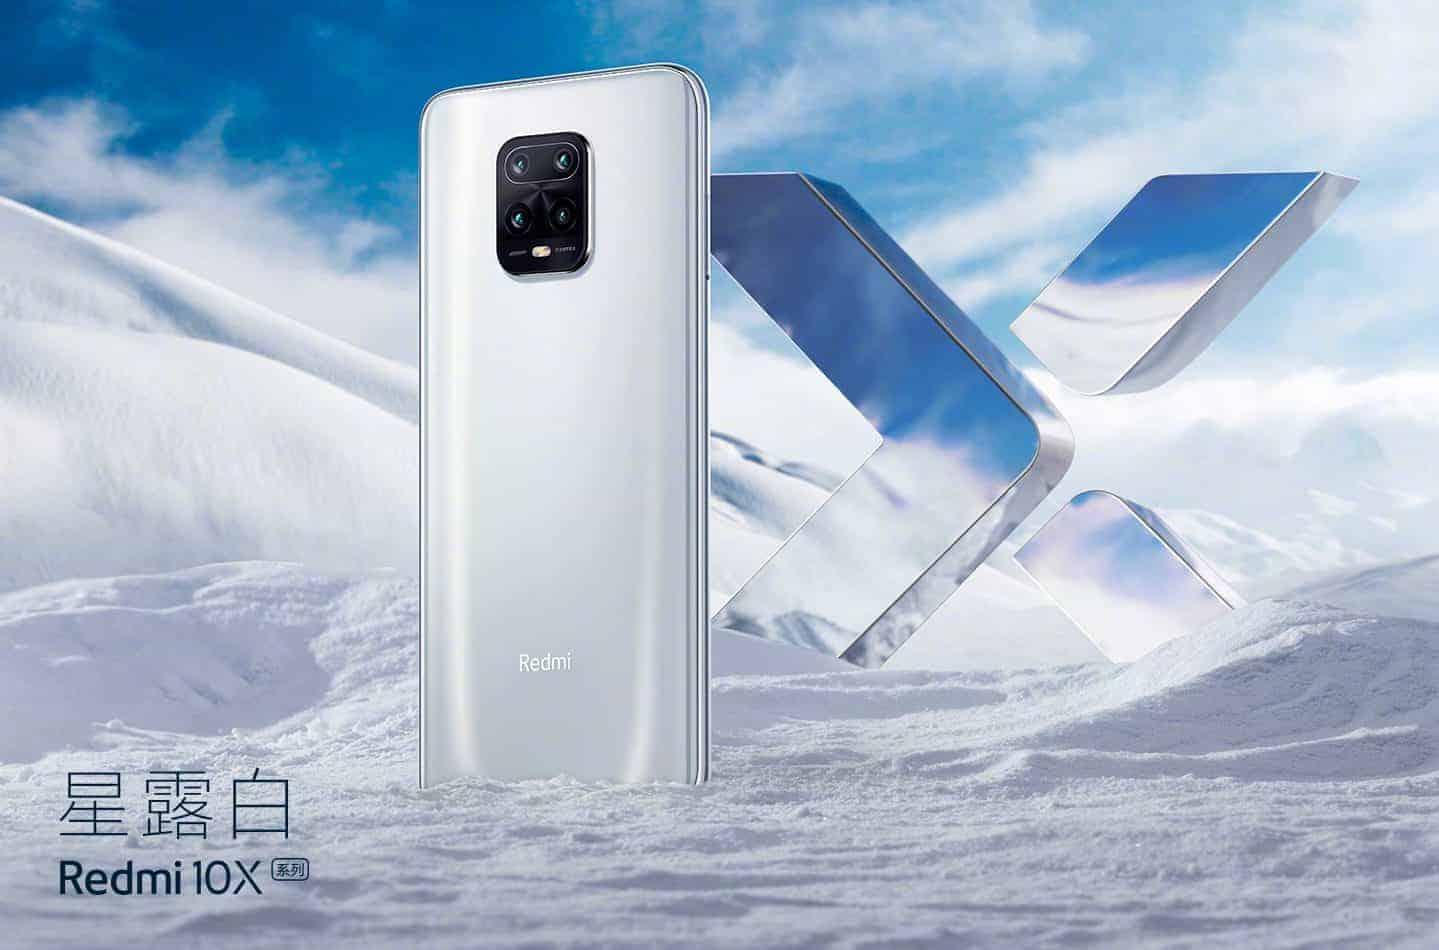 Xiaomi Redmi 10X 5G AnTuTu